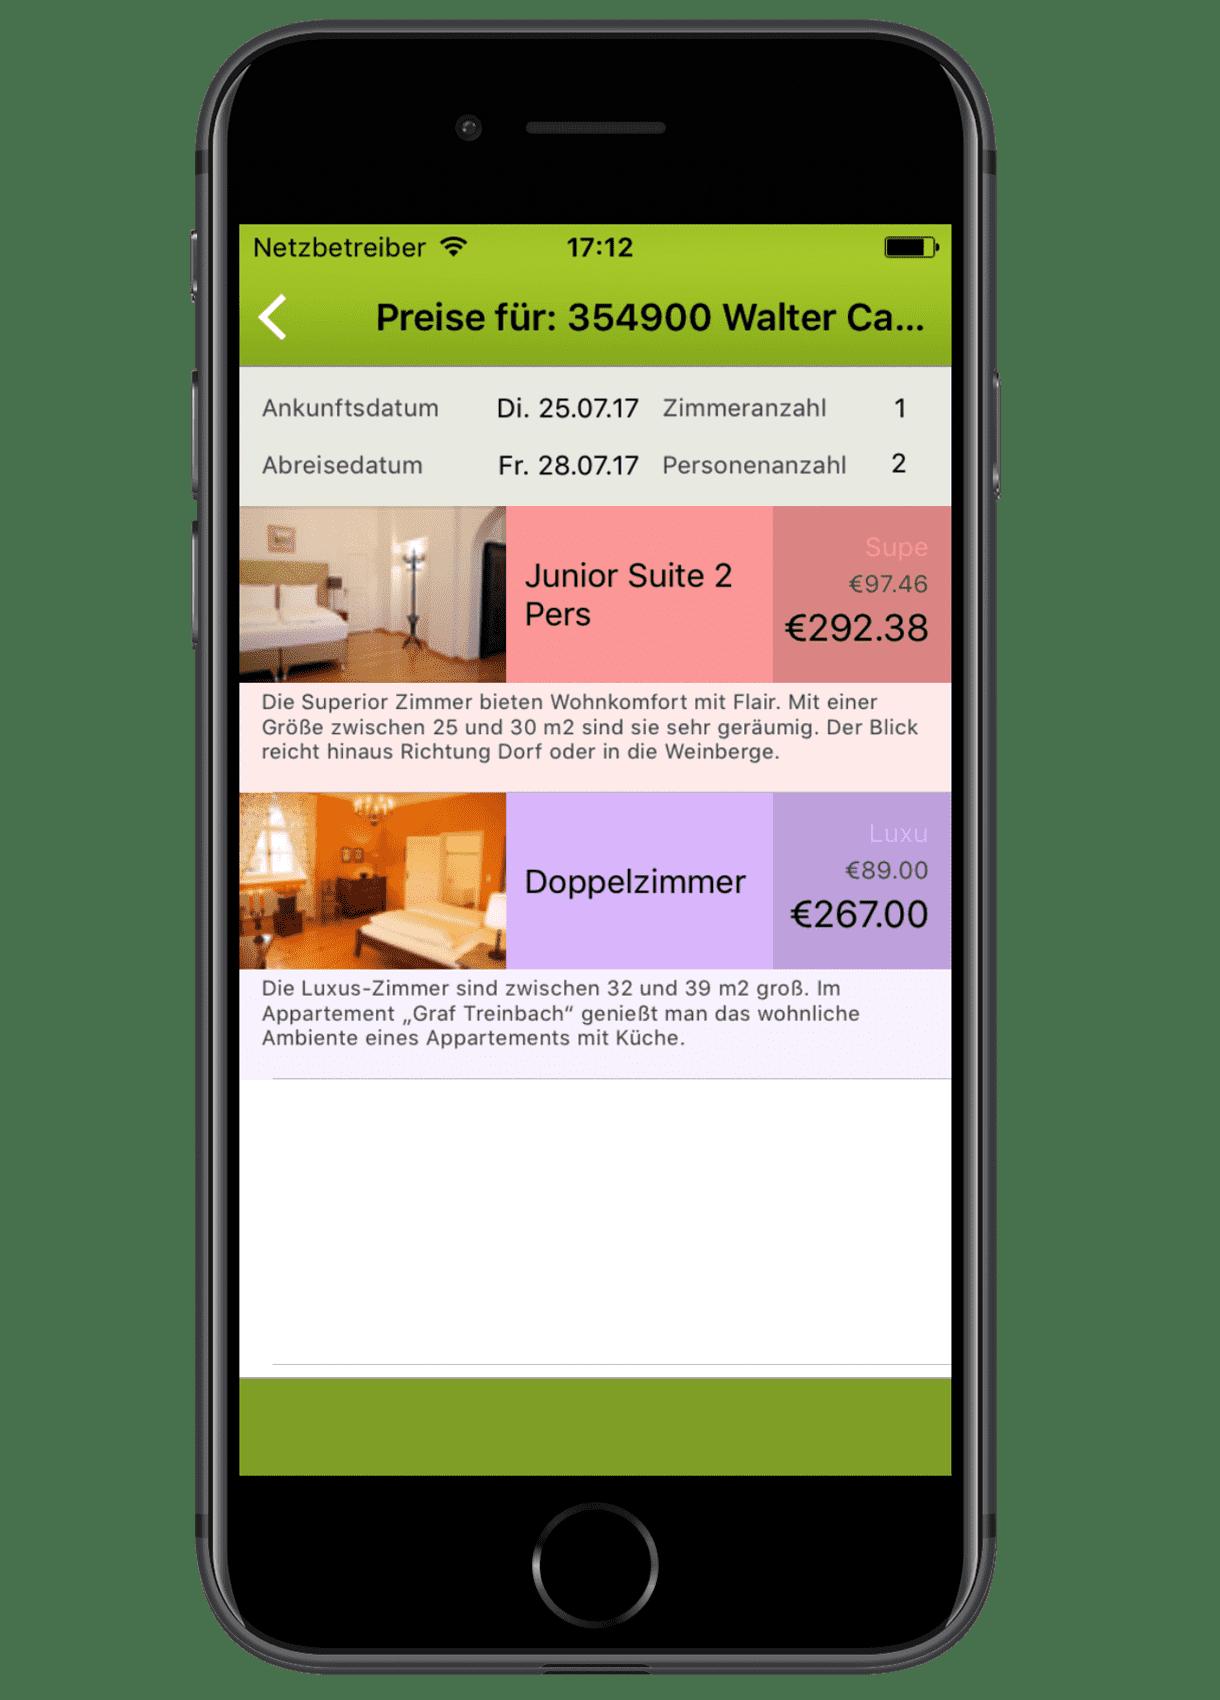 igumbi Hotelsoftware iPhone App: Preise einer Reservierung zuteilen am iPhone 7. Hotel App